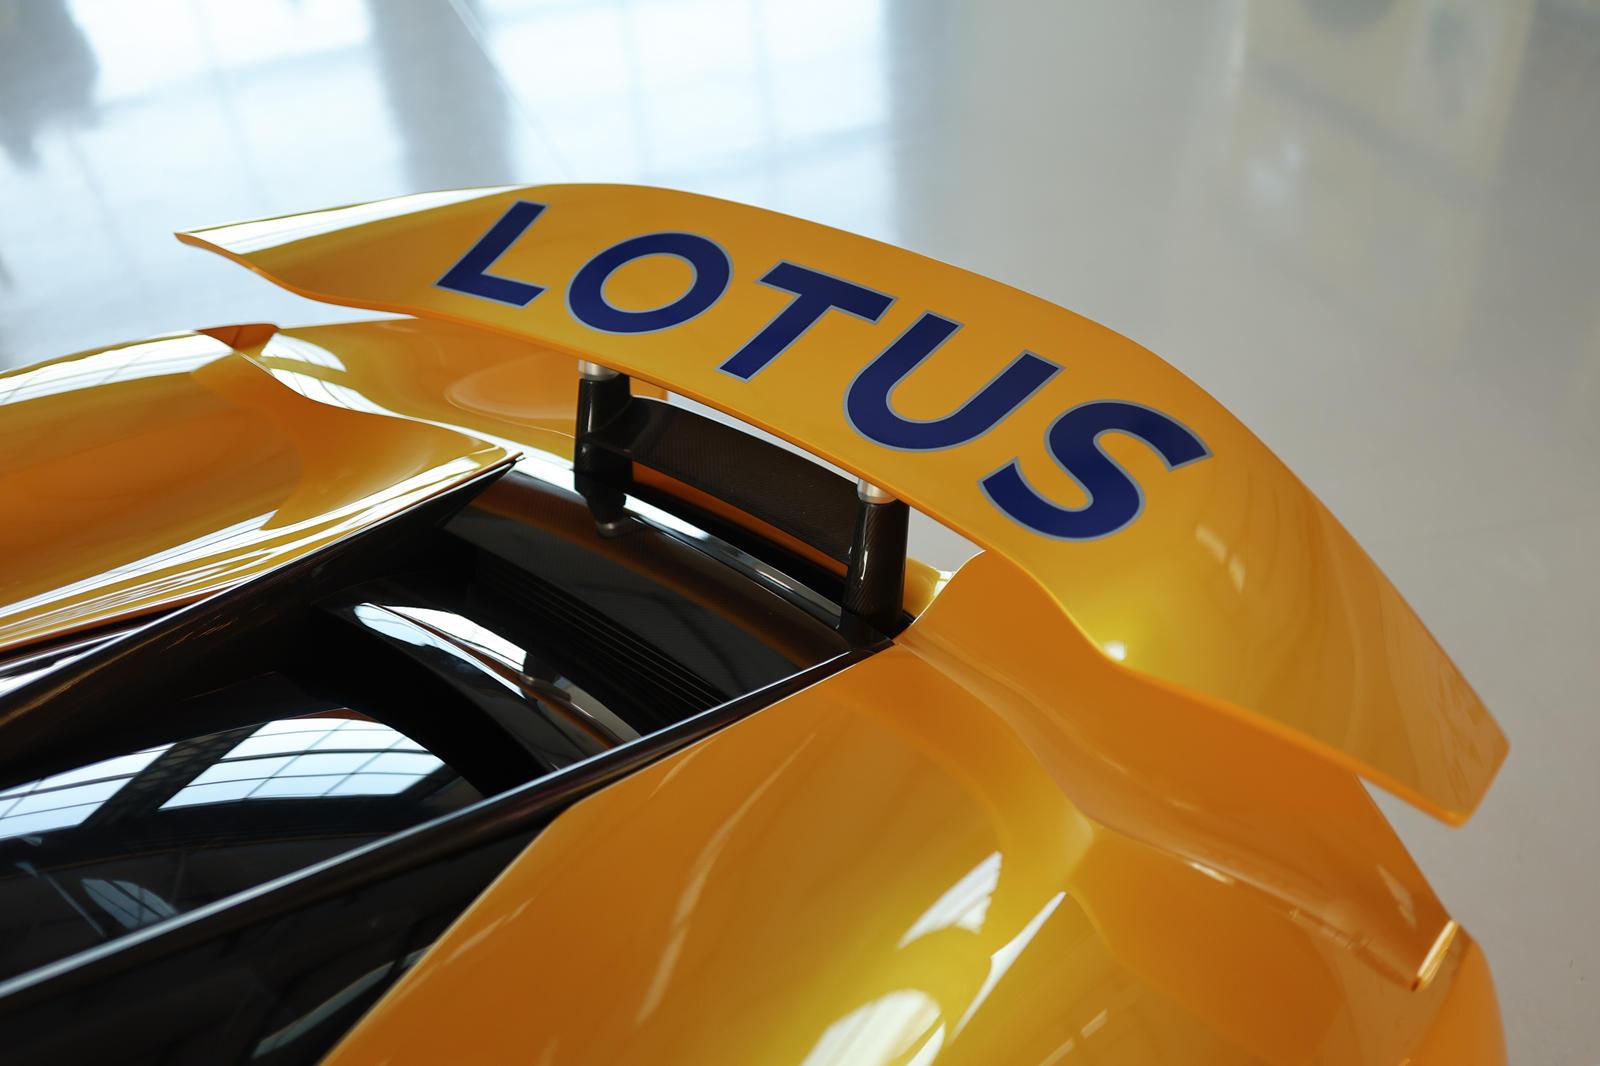 những-mẫu-xe-được-Lotus-mang-đến-Monterey-Car-Week-2021 (7).jpg